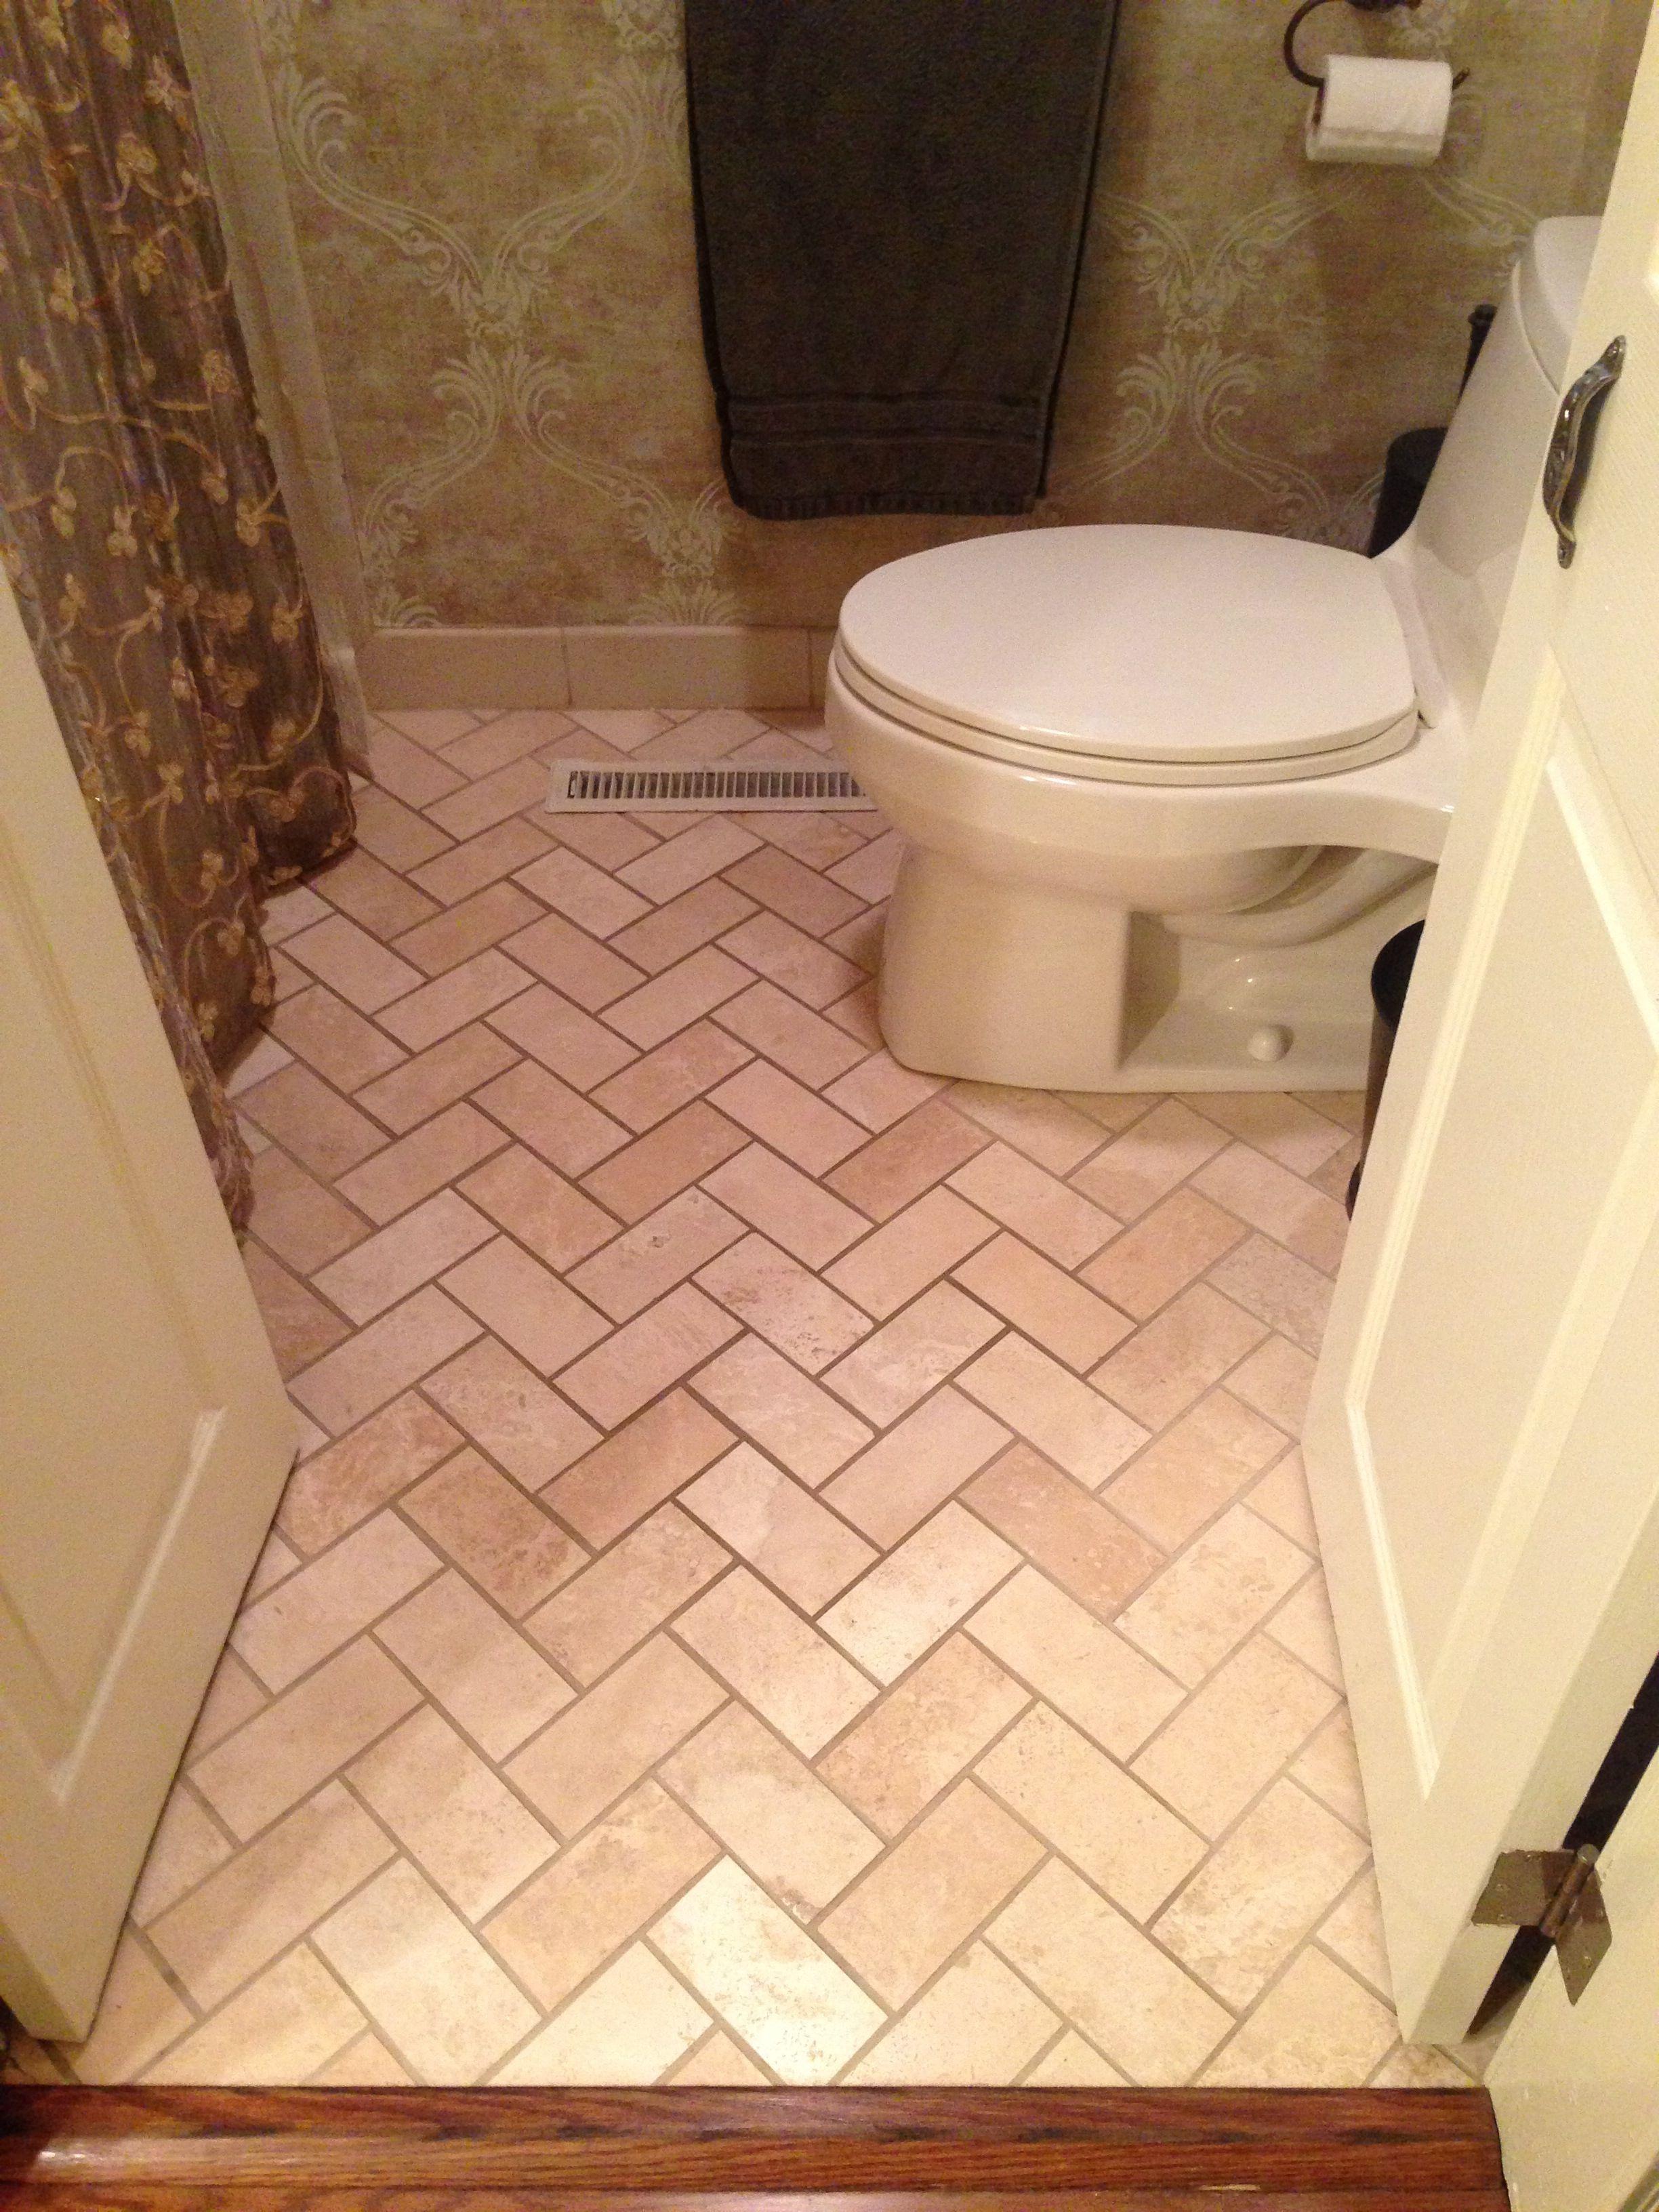 Wondrous tiny bathroom designs with white single flush toilet on